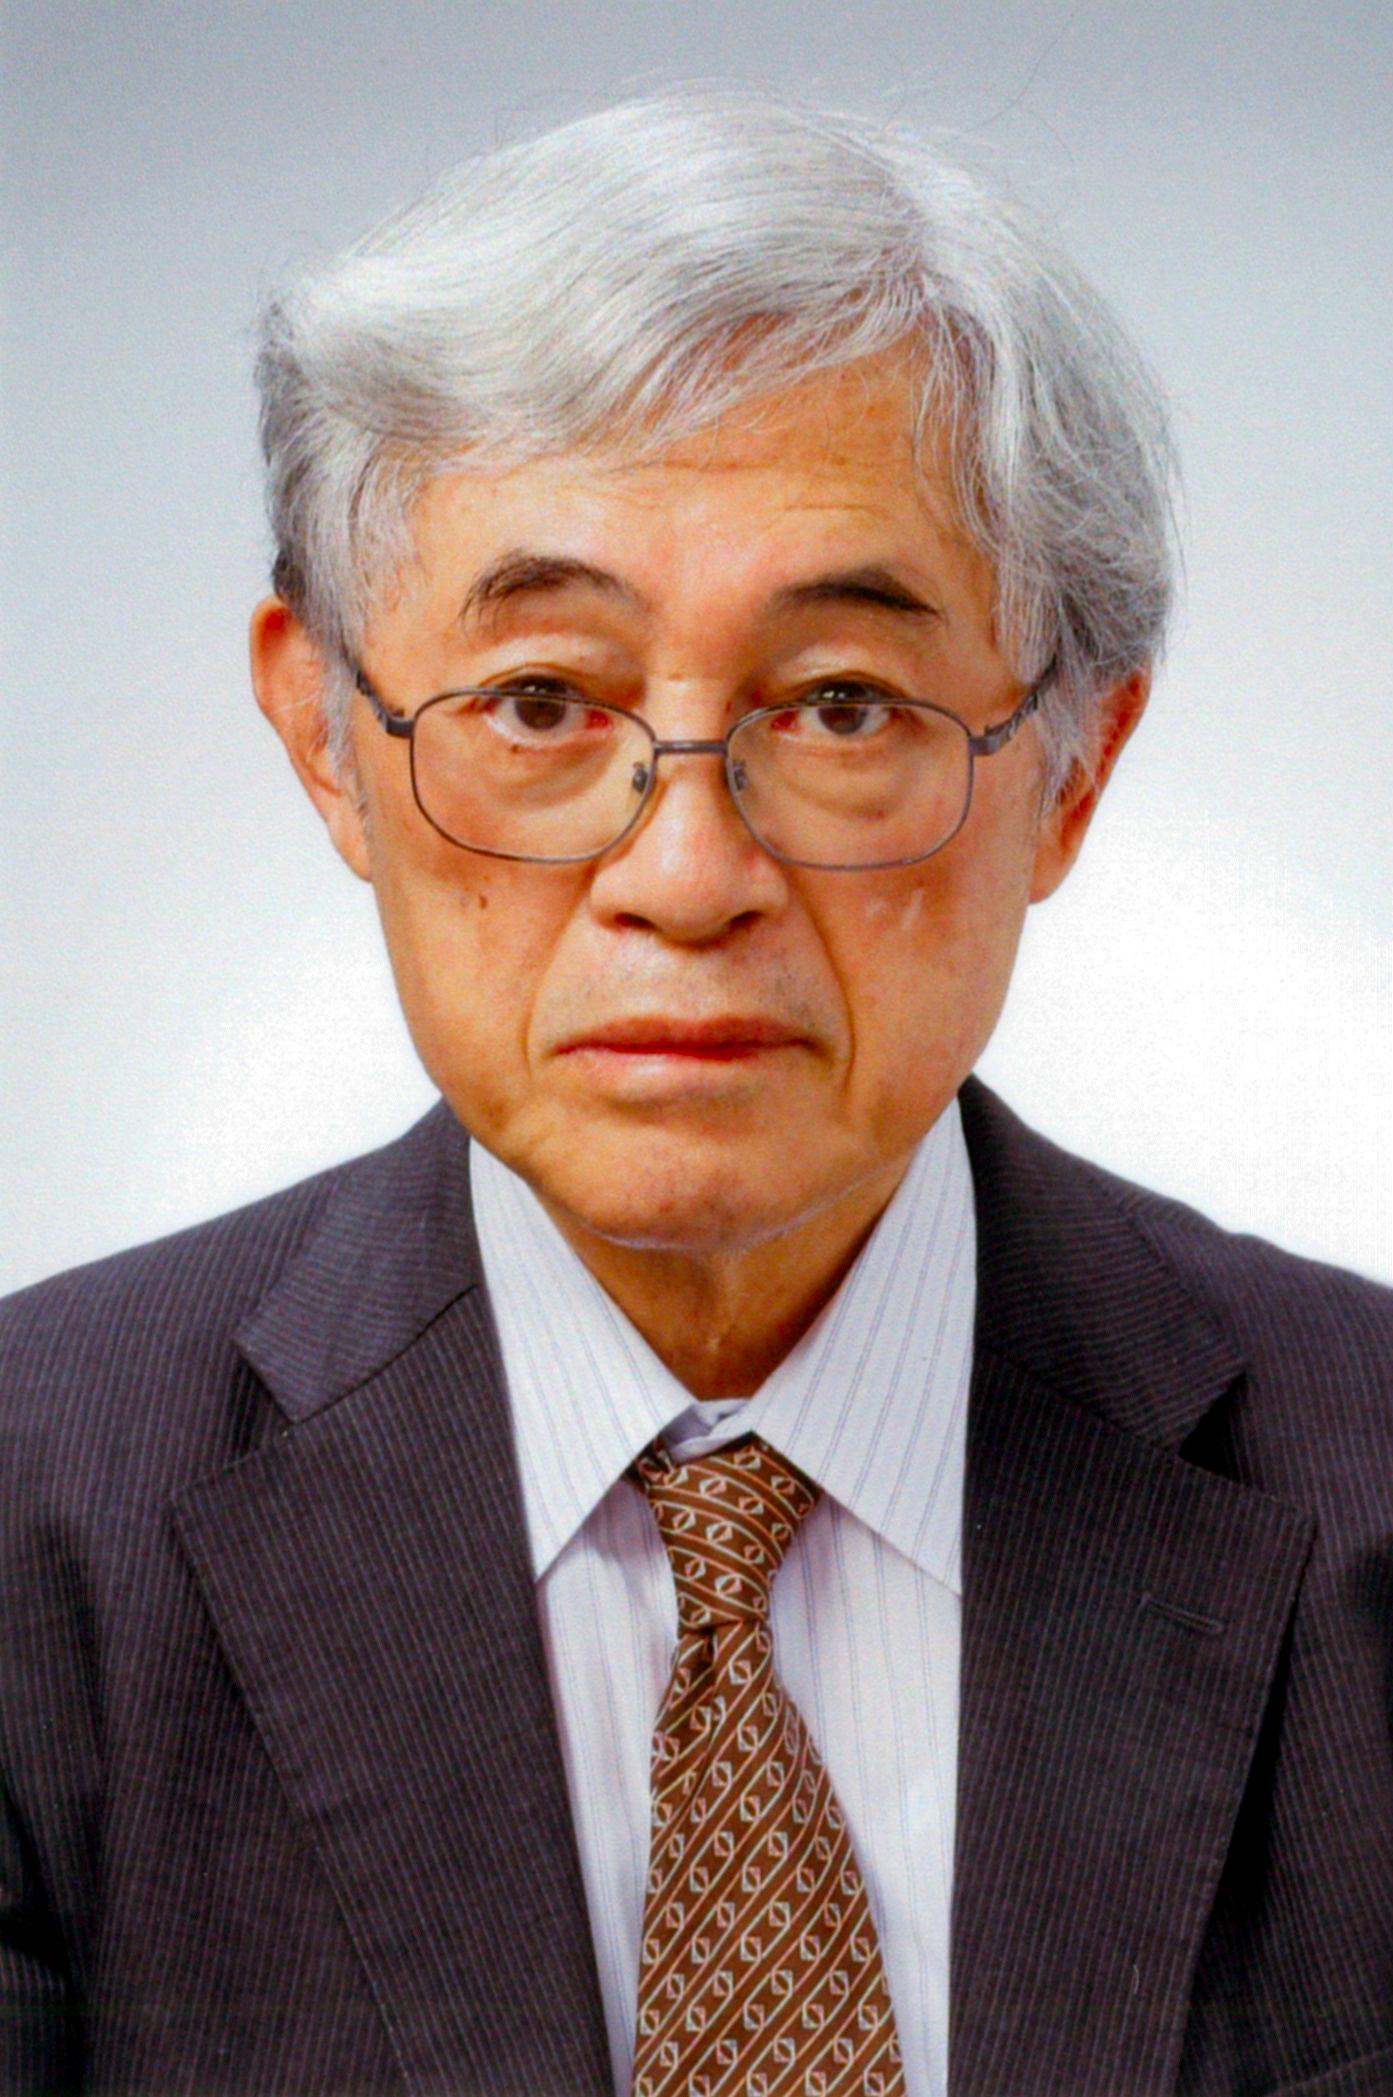 佐々木毅 - Wikipedia